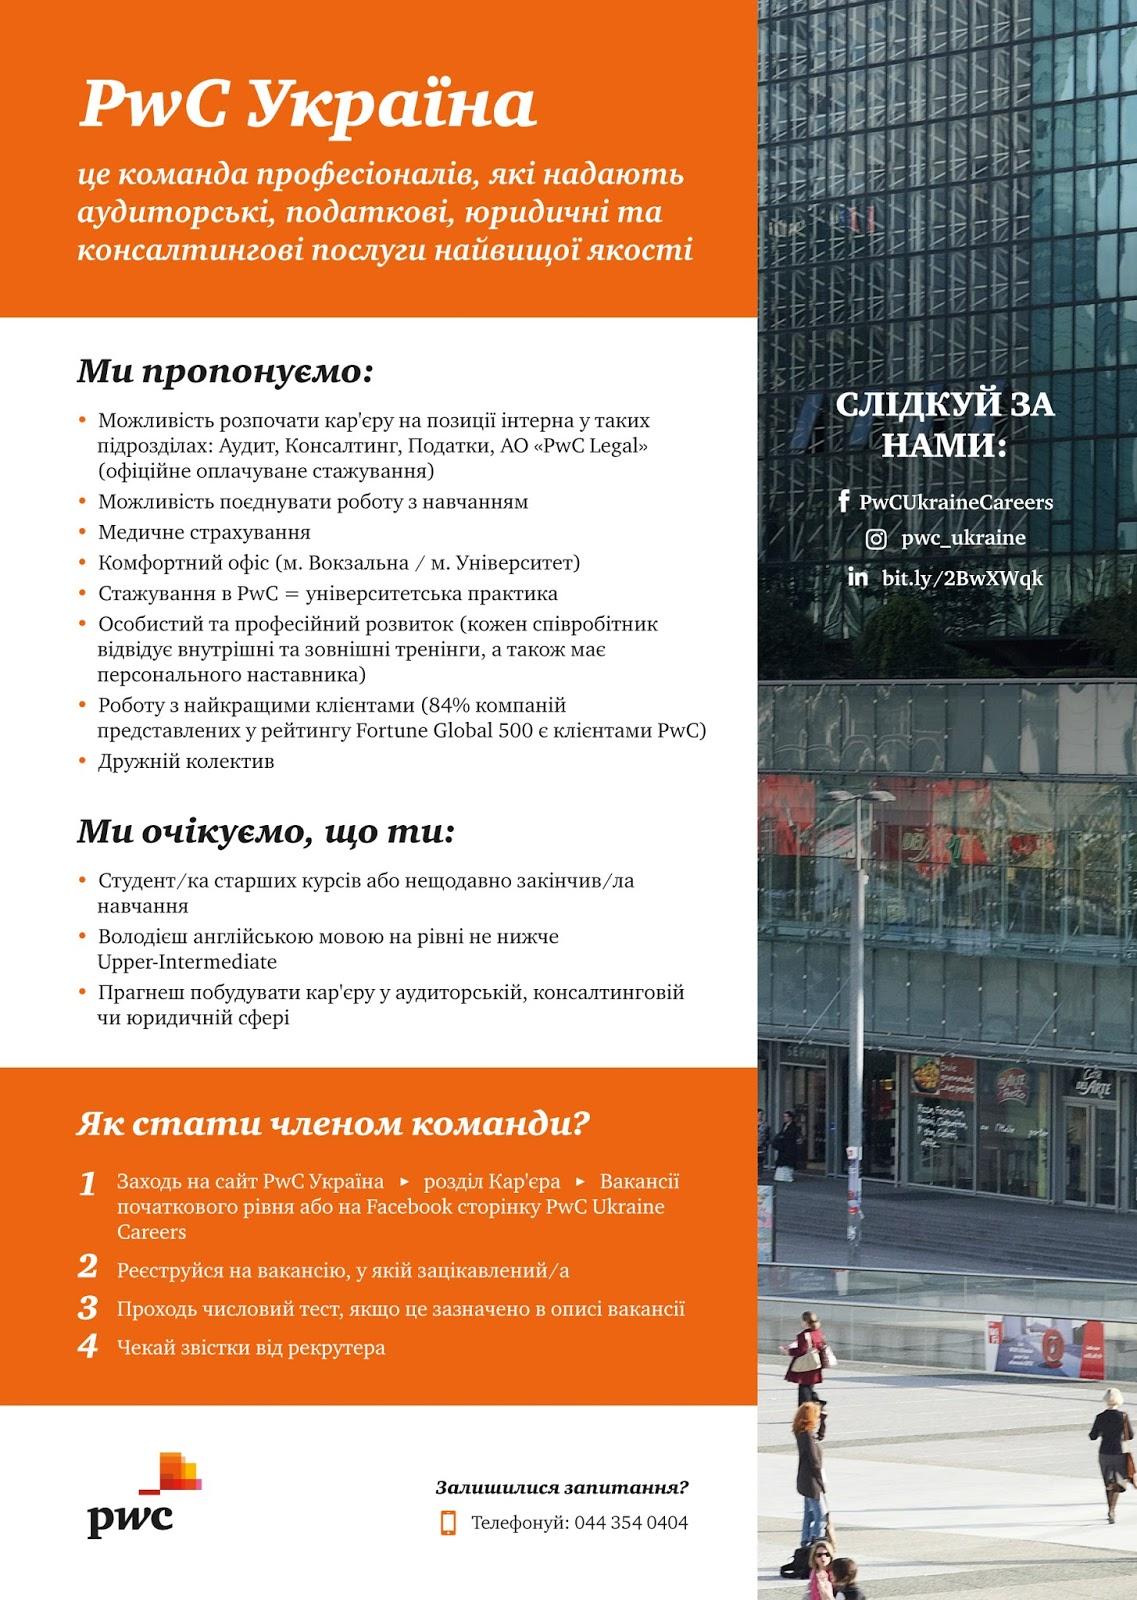 PwC Україна пропонує можливості працевлаштування для студентів/випускників